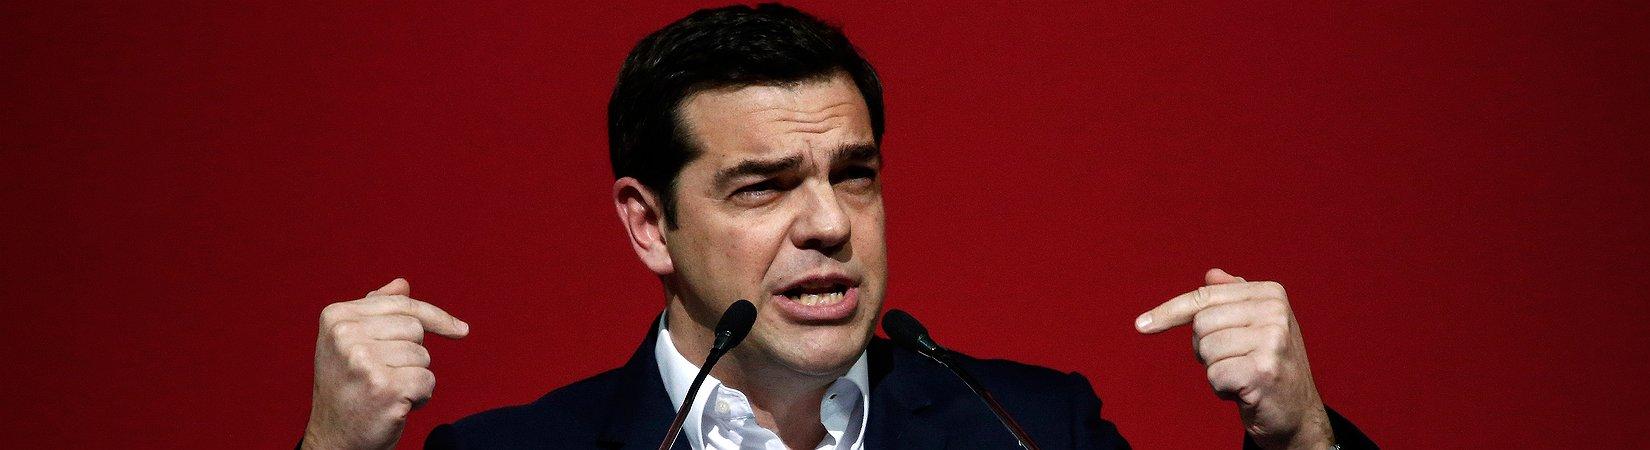 Griechenlands eigentliches Drama